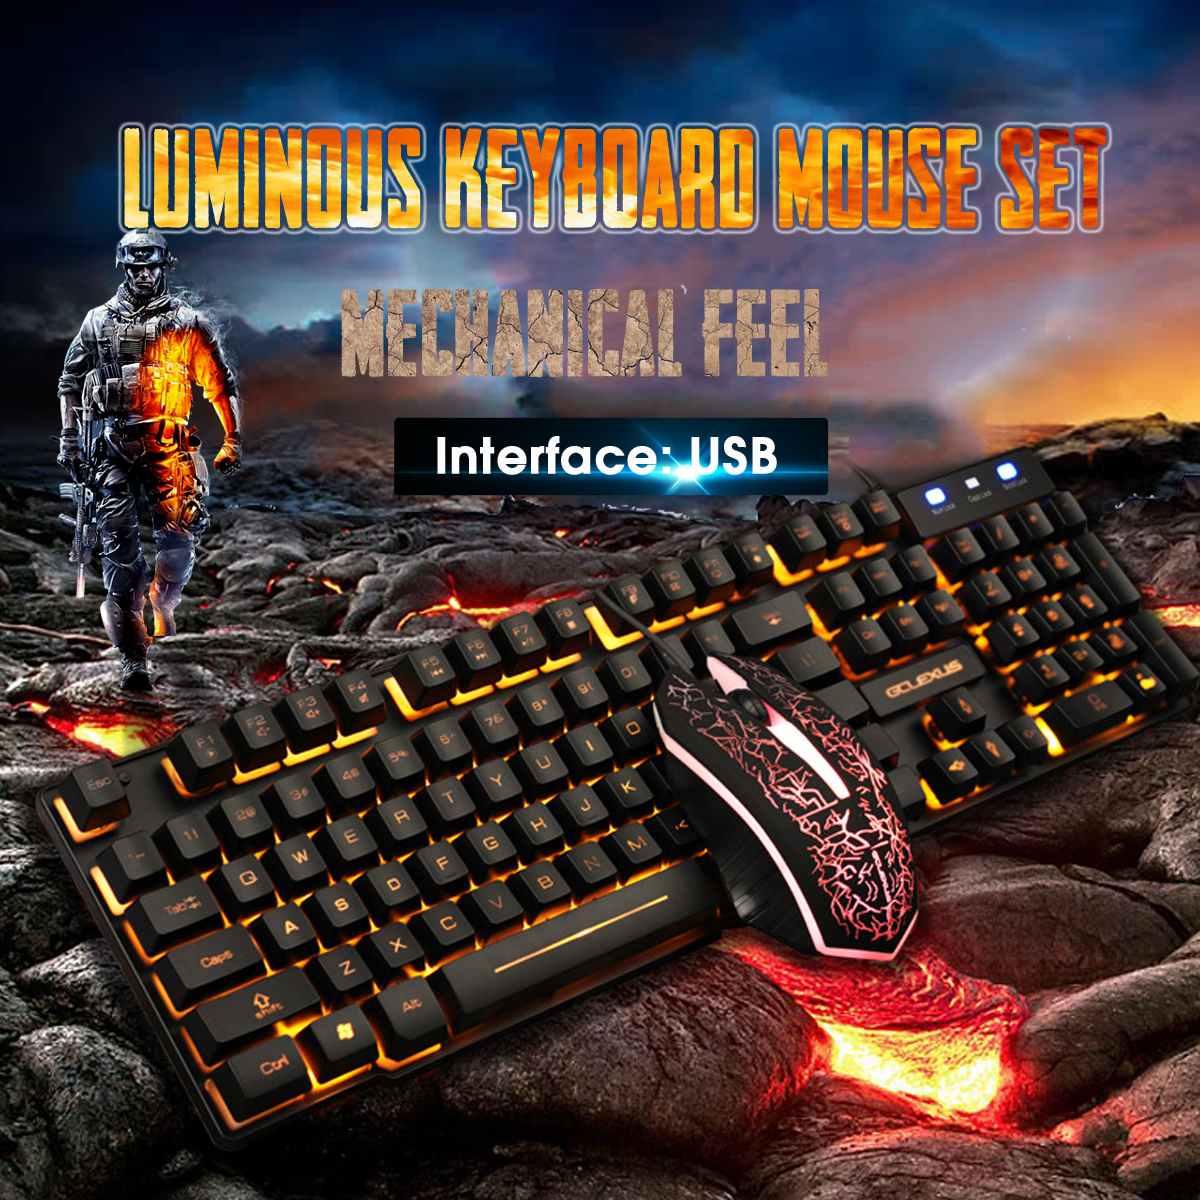 Клавиатура Мышь Набор механический Feel игра ноутбук Настольный компьютер проводной светящийся персонаж светящаяся клавиатура